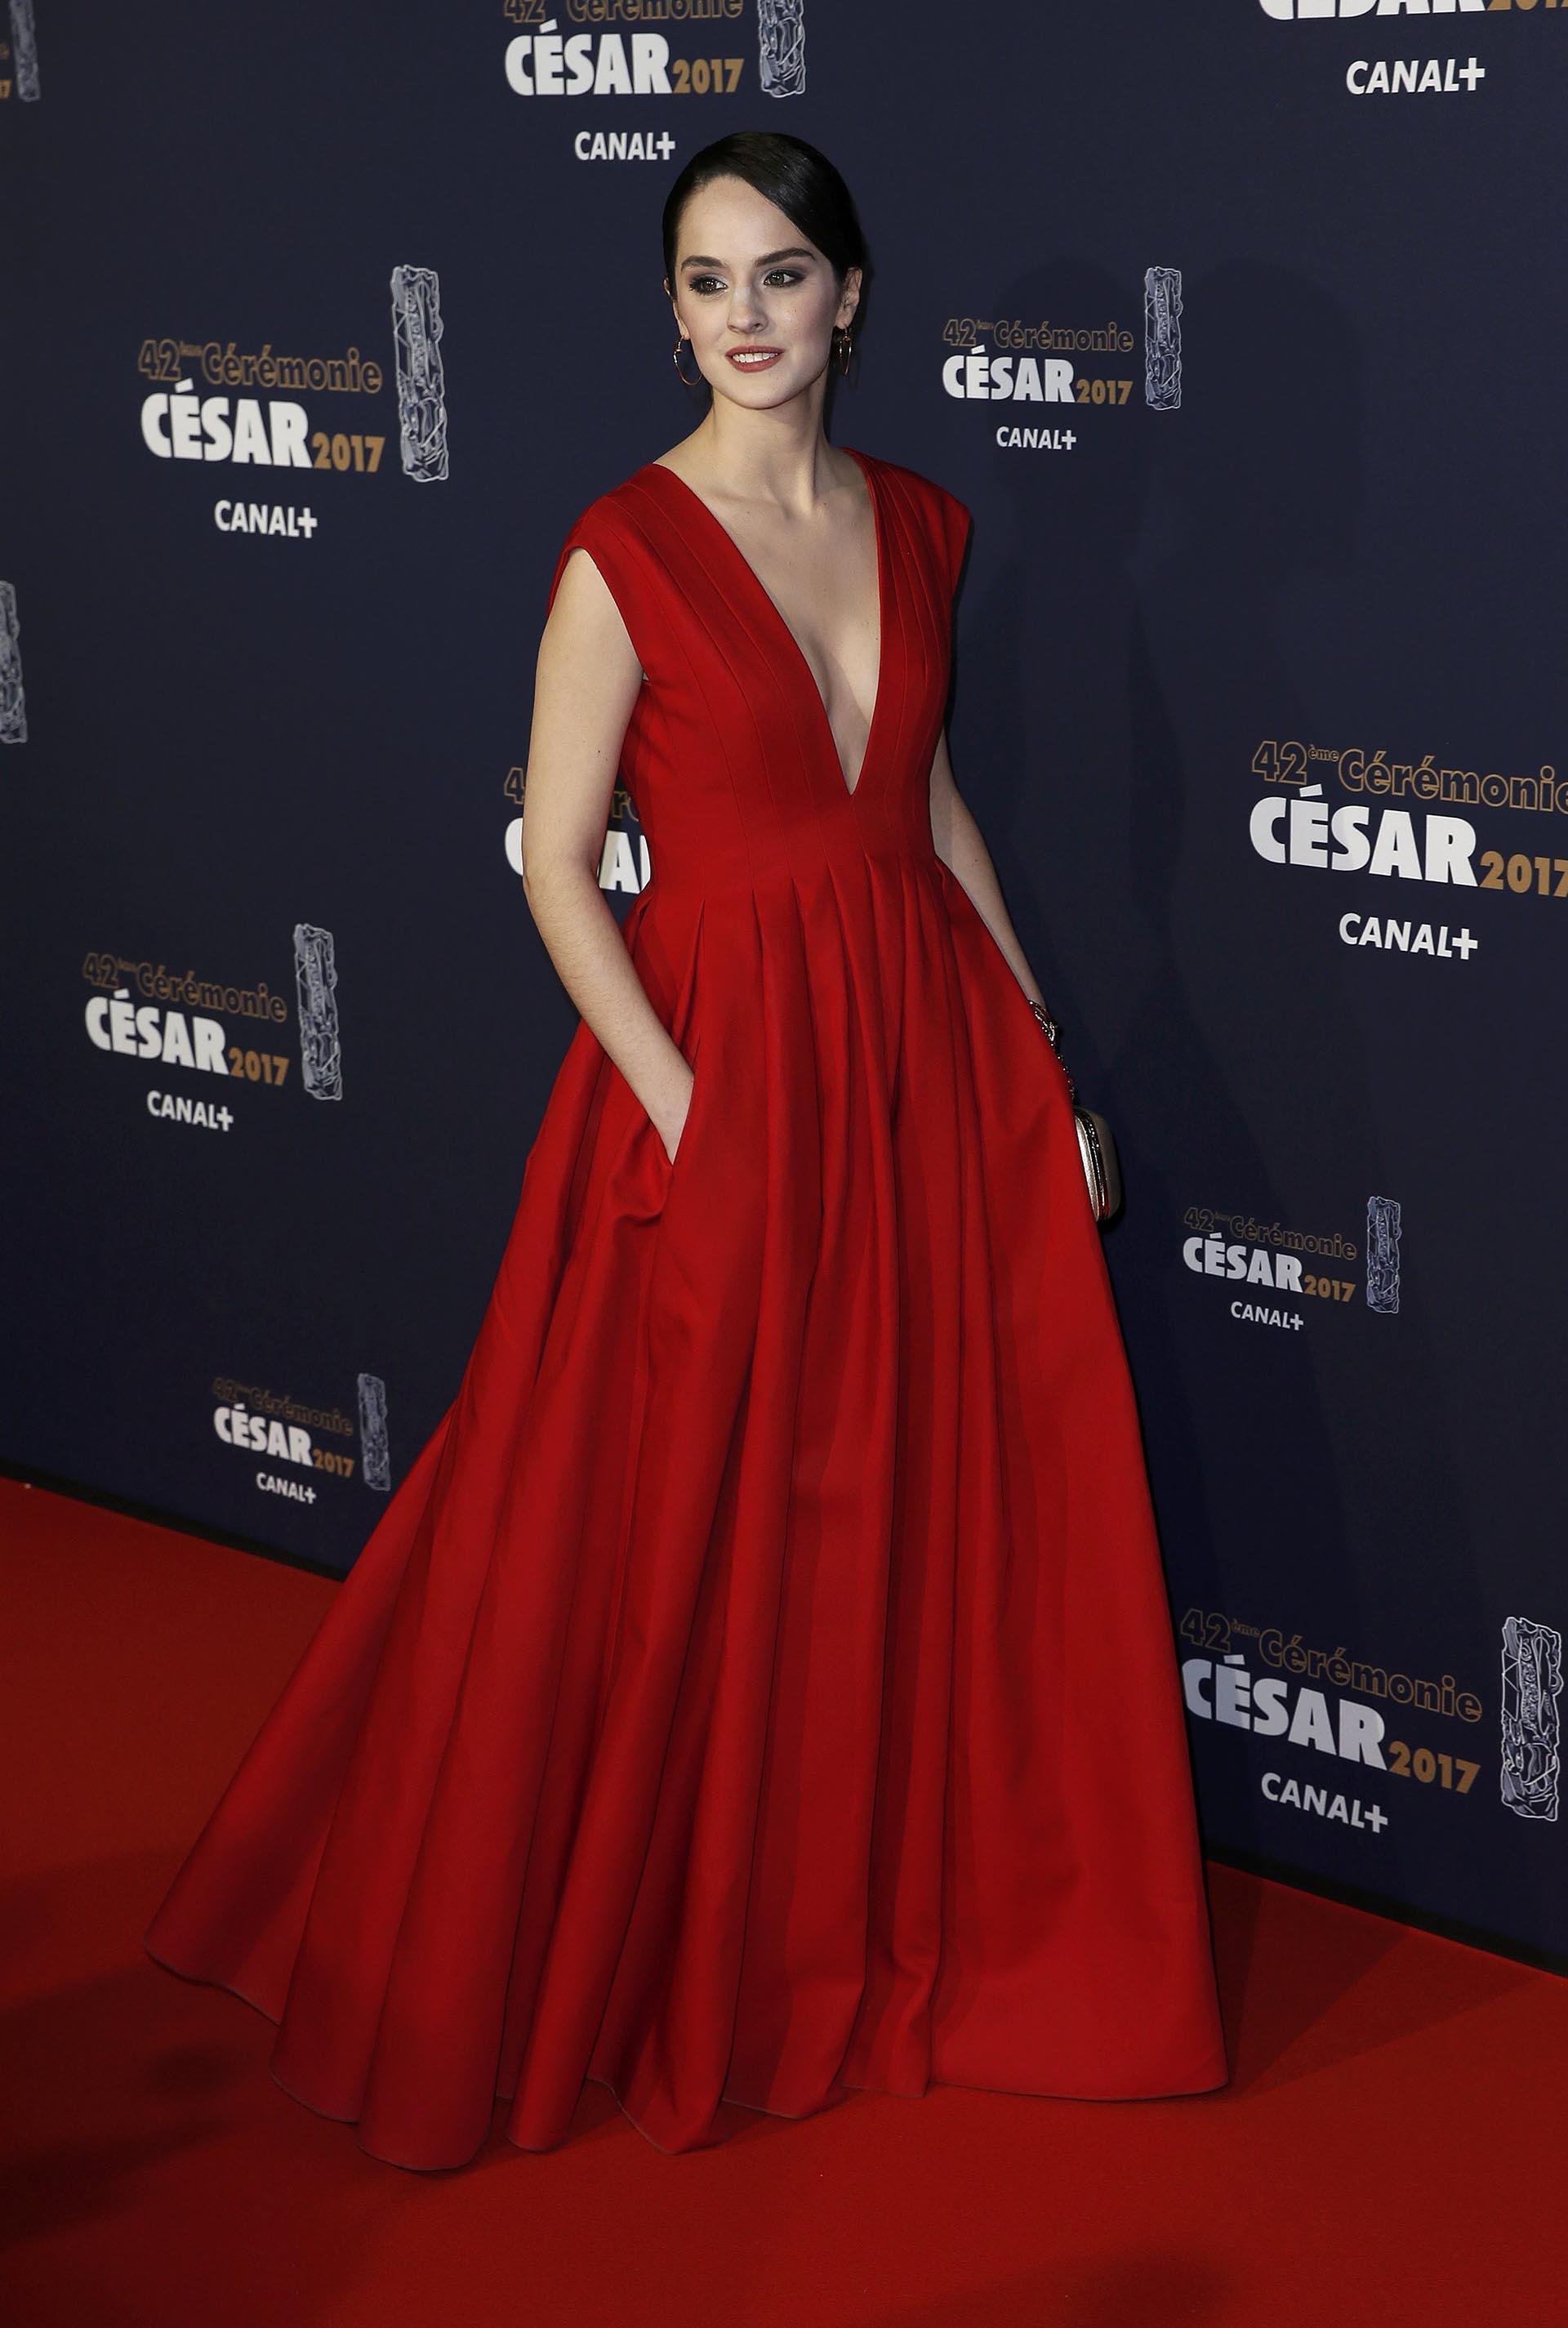 Noemie Merlant se coronó la mujer más elegante de la noche con este diseño colorado de gran escote